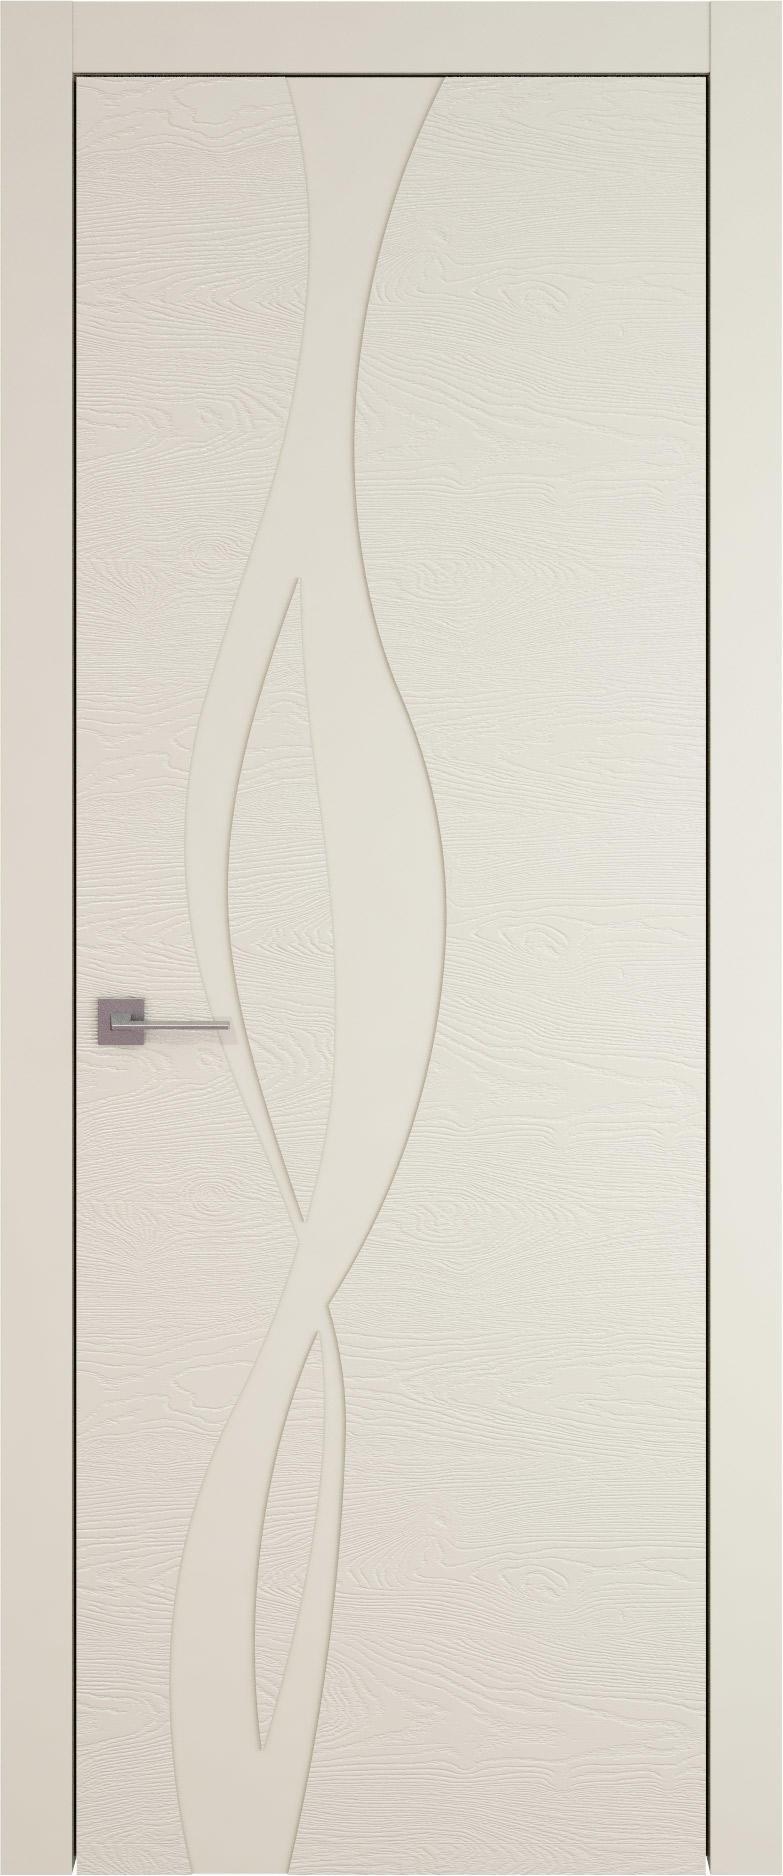 Tivoli Г-5 цвет - Жемчужная эмаль по шпону (RAL 1013) Без стекла (ДГ)